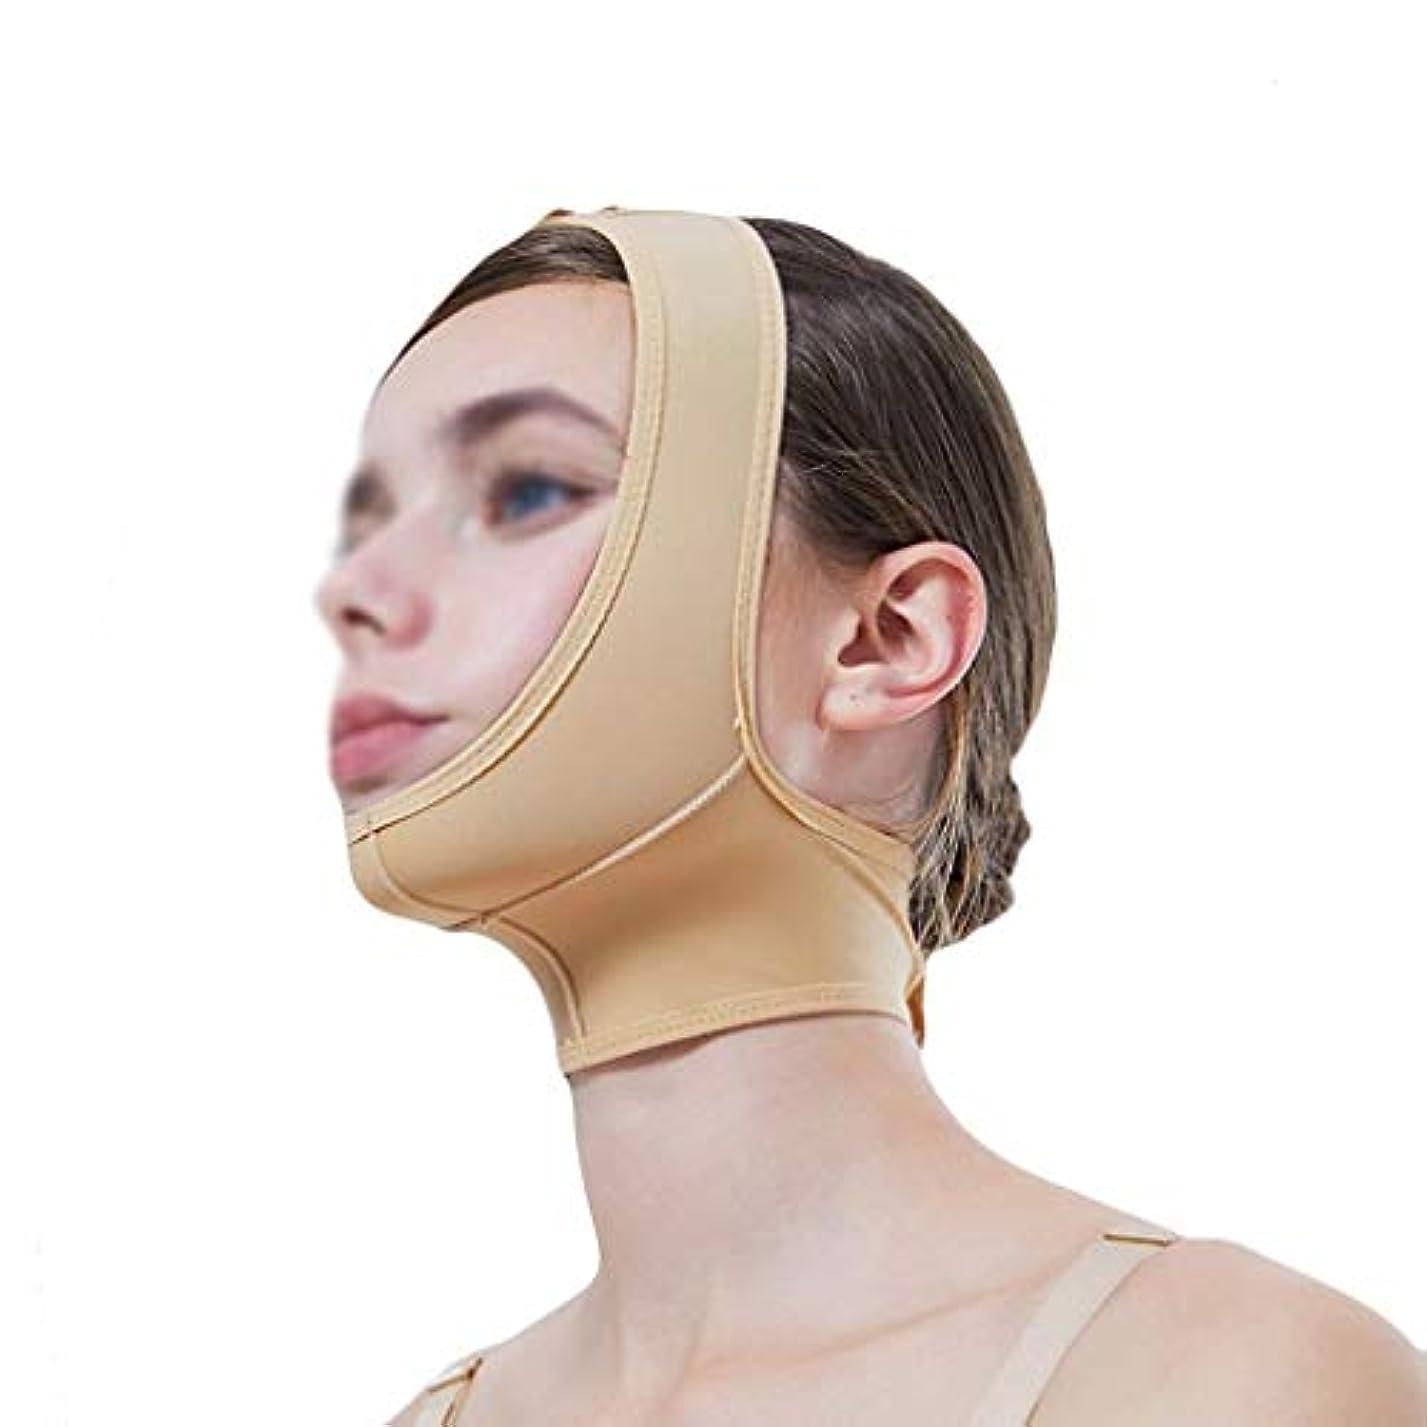 ファンスキームスチュアート島マスク、超薄型ベルト、フェイスリフティングに適し、フェイスリフティング、通気性包帯、あご取りベルト、超薄型ベルト、通気性(サイズ:XL),XL